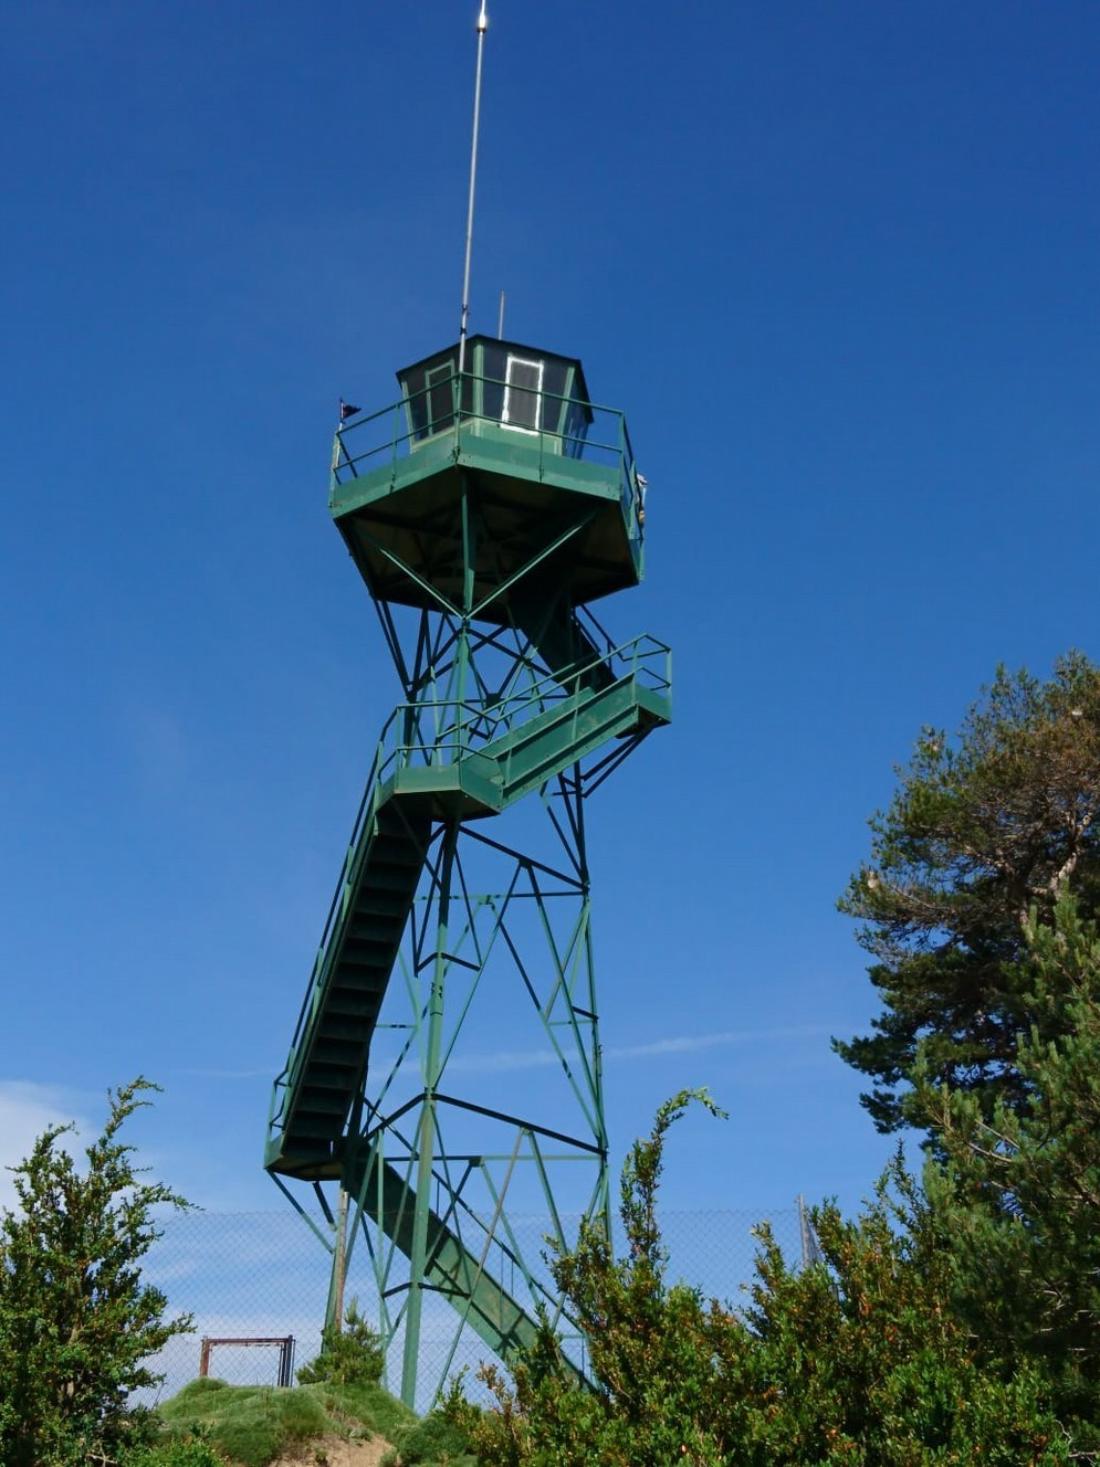 Las torres de vigilancia de incendios forestales se quedan vacías. Un año más, las personas vigilantes son despedidas. Sin novedad.